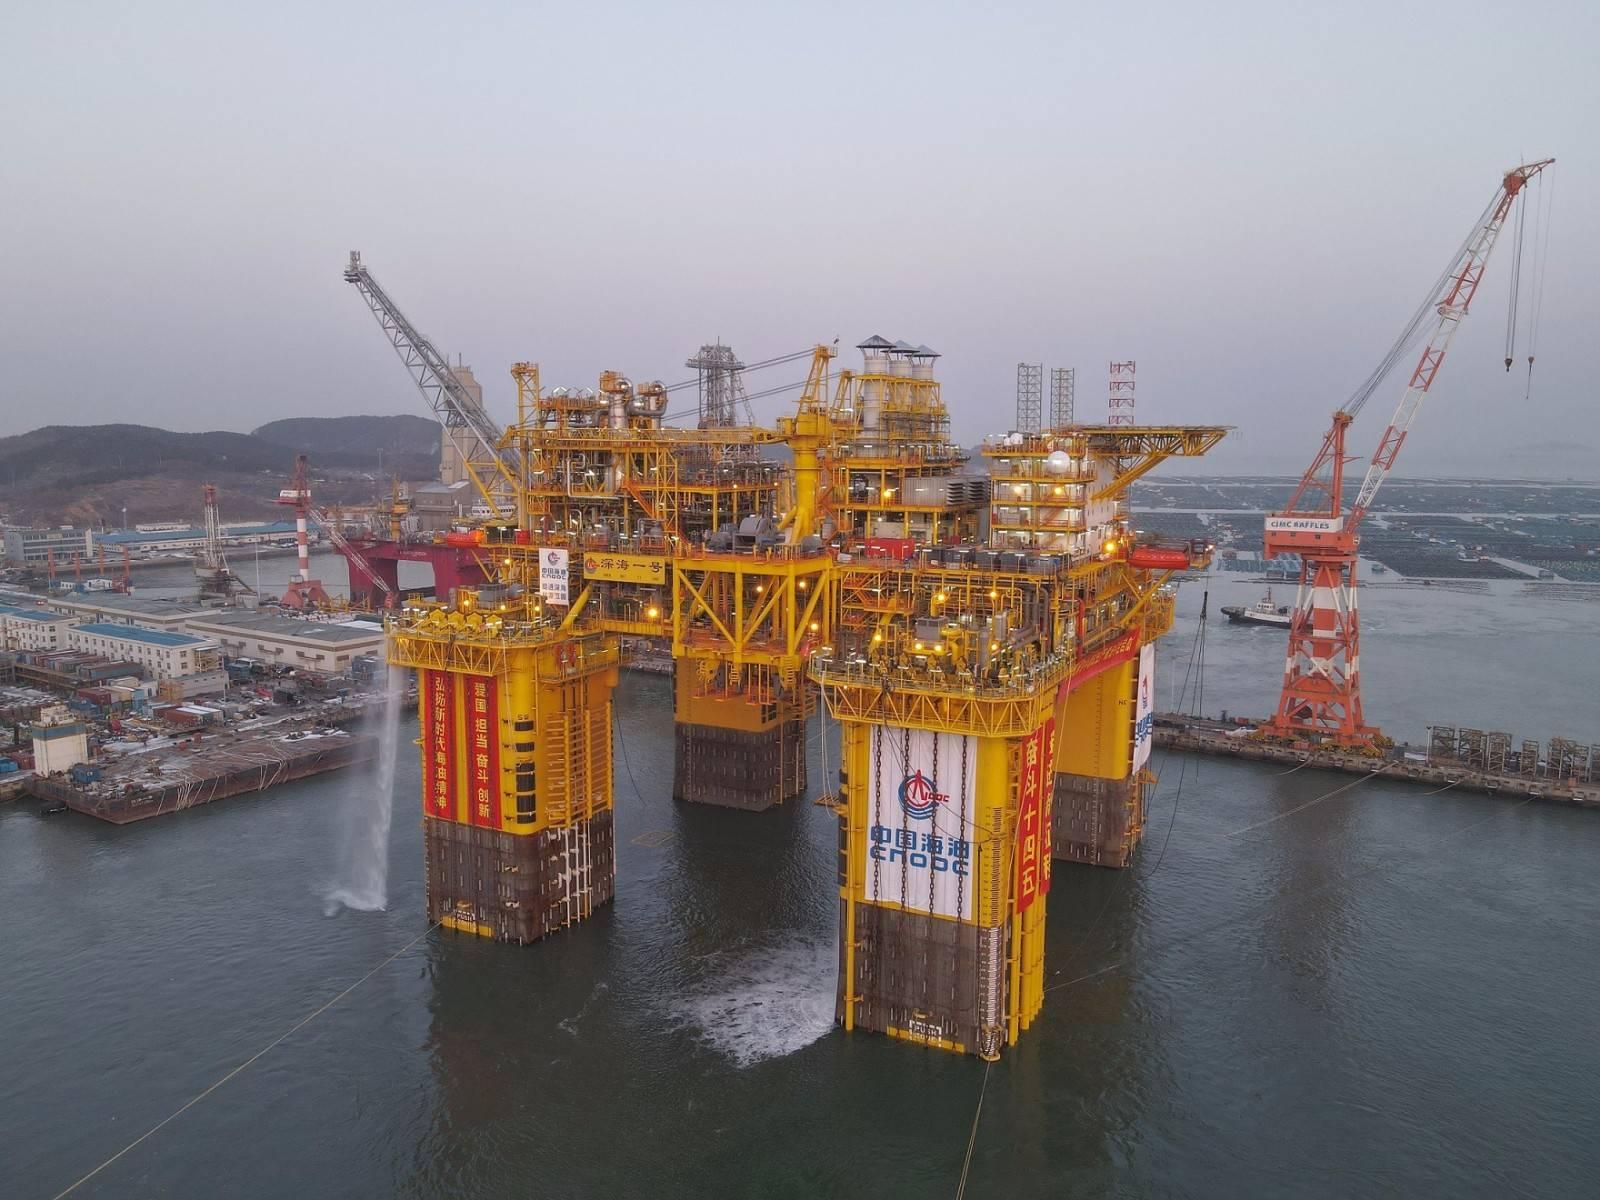 中国海油公布2021年经营策略和发展计划,计划投资近千亿元、投产19个新项目